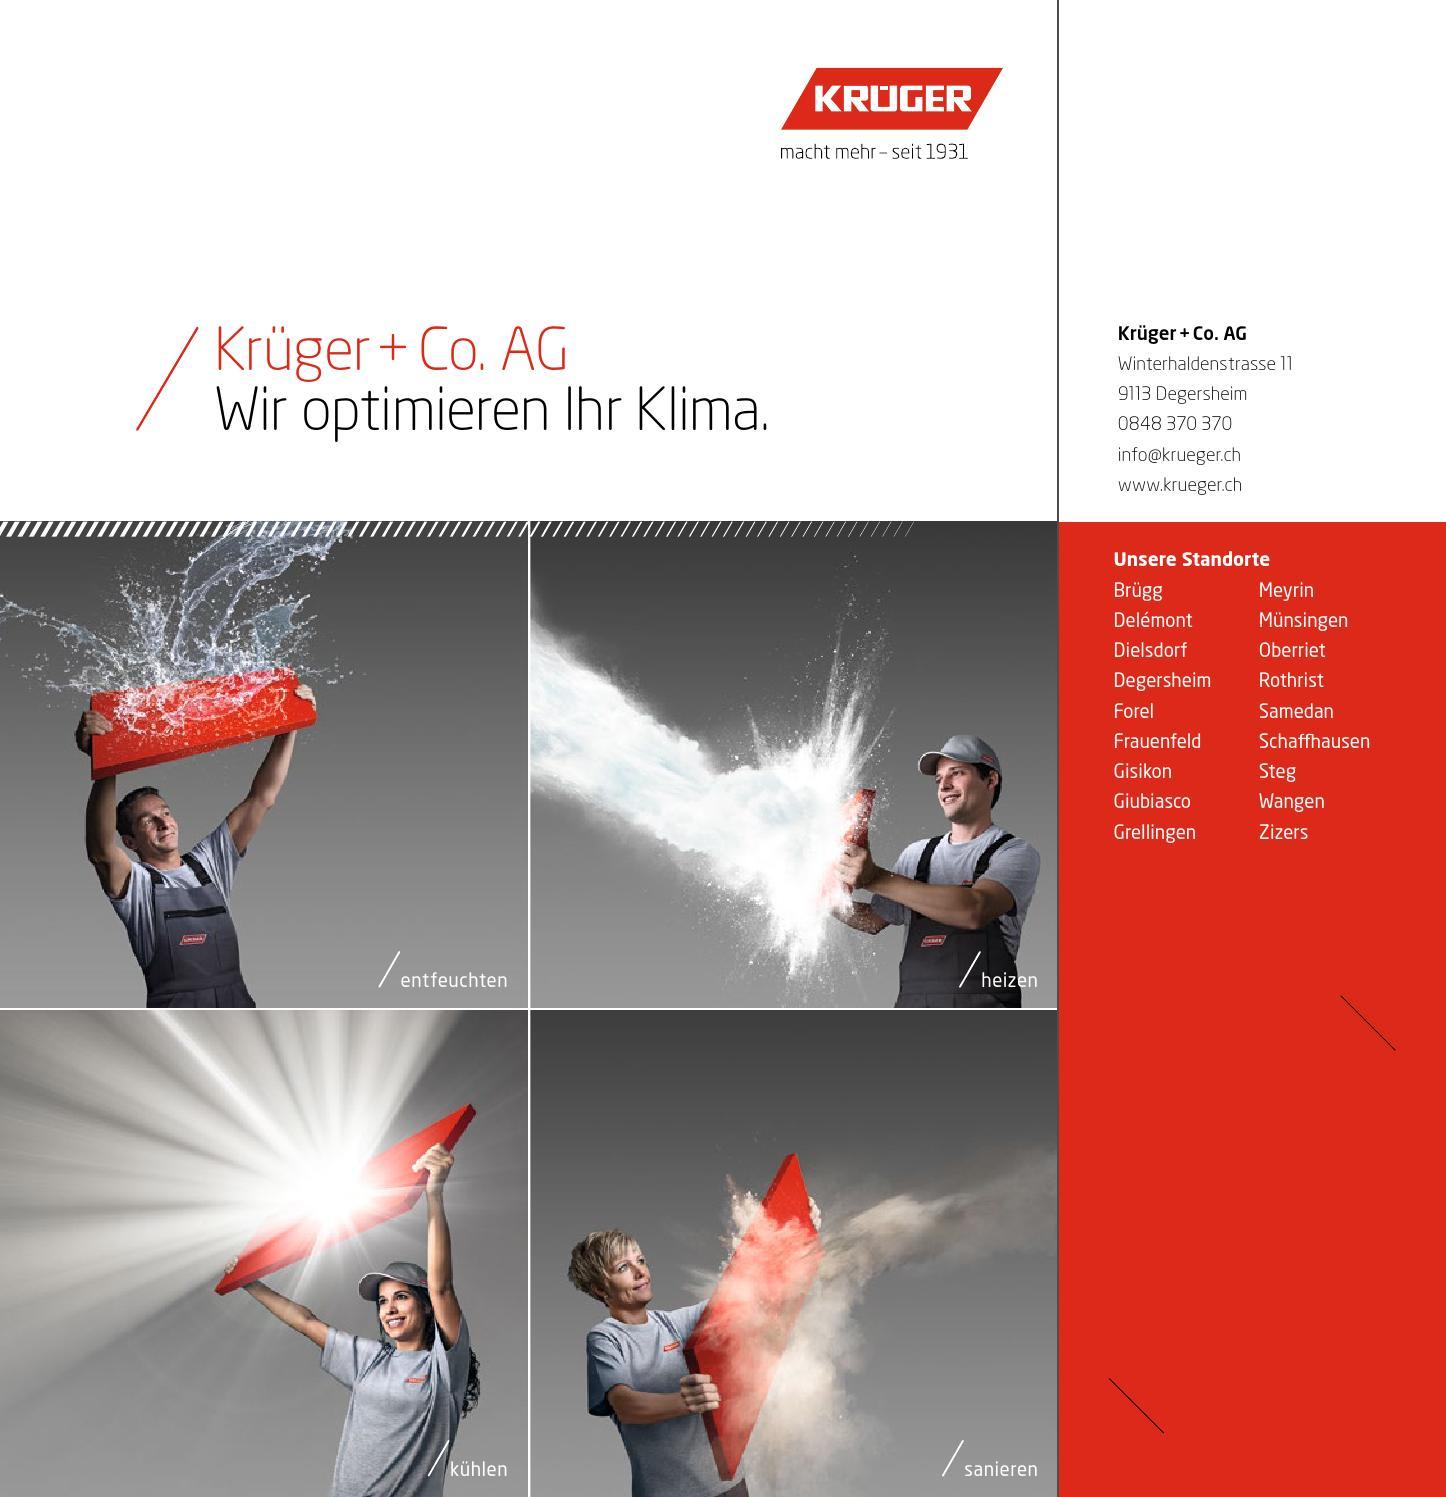 Krüger Gesamtbroschüre De By Krueger.Ch - Issuu